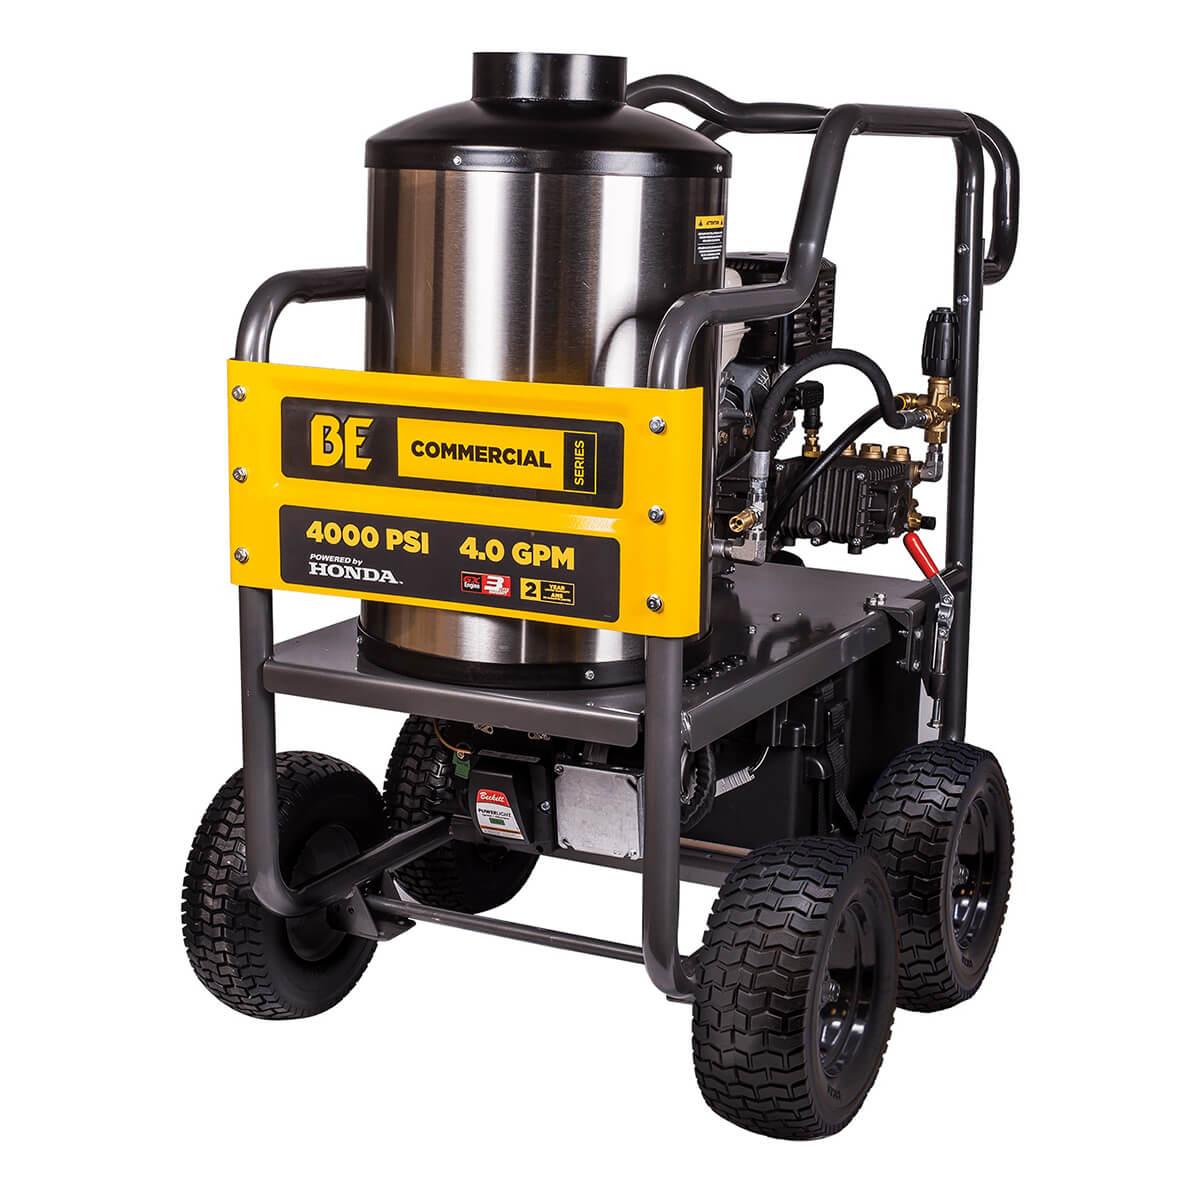 Hot Water Pressure Washer Honda GX390 4000PSI